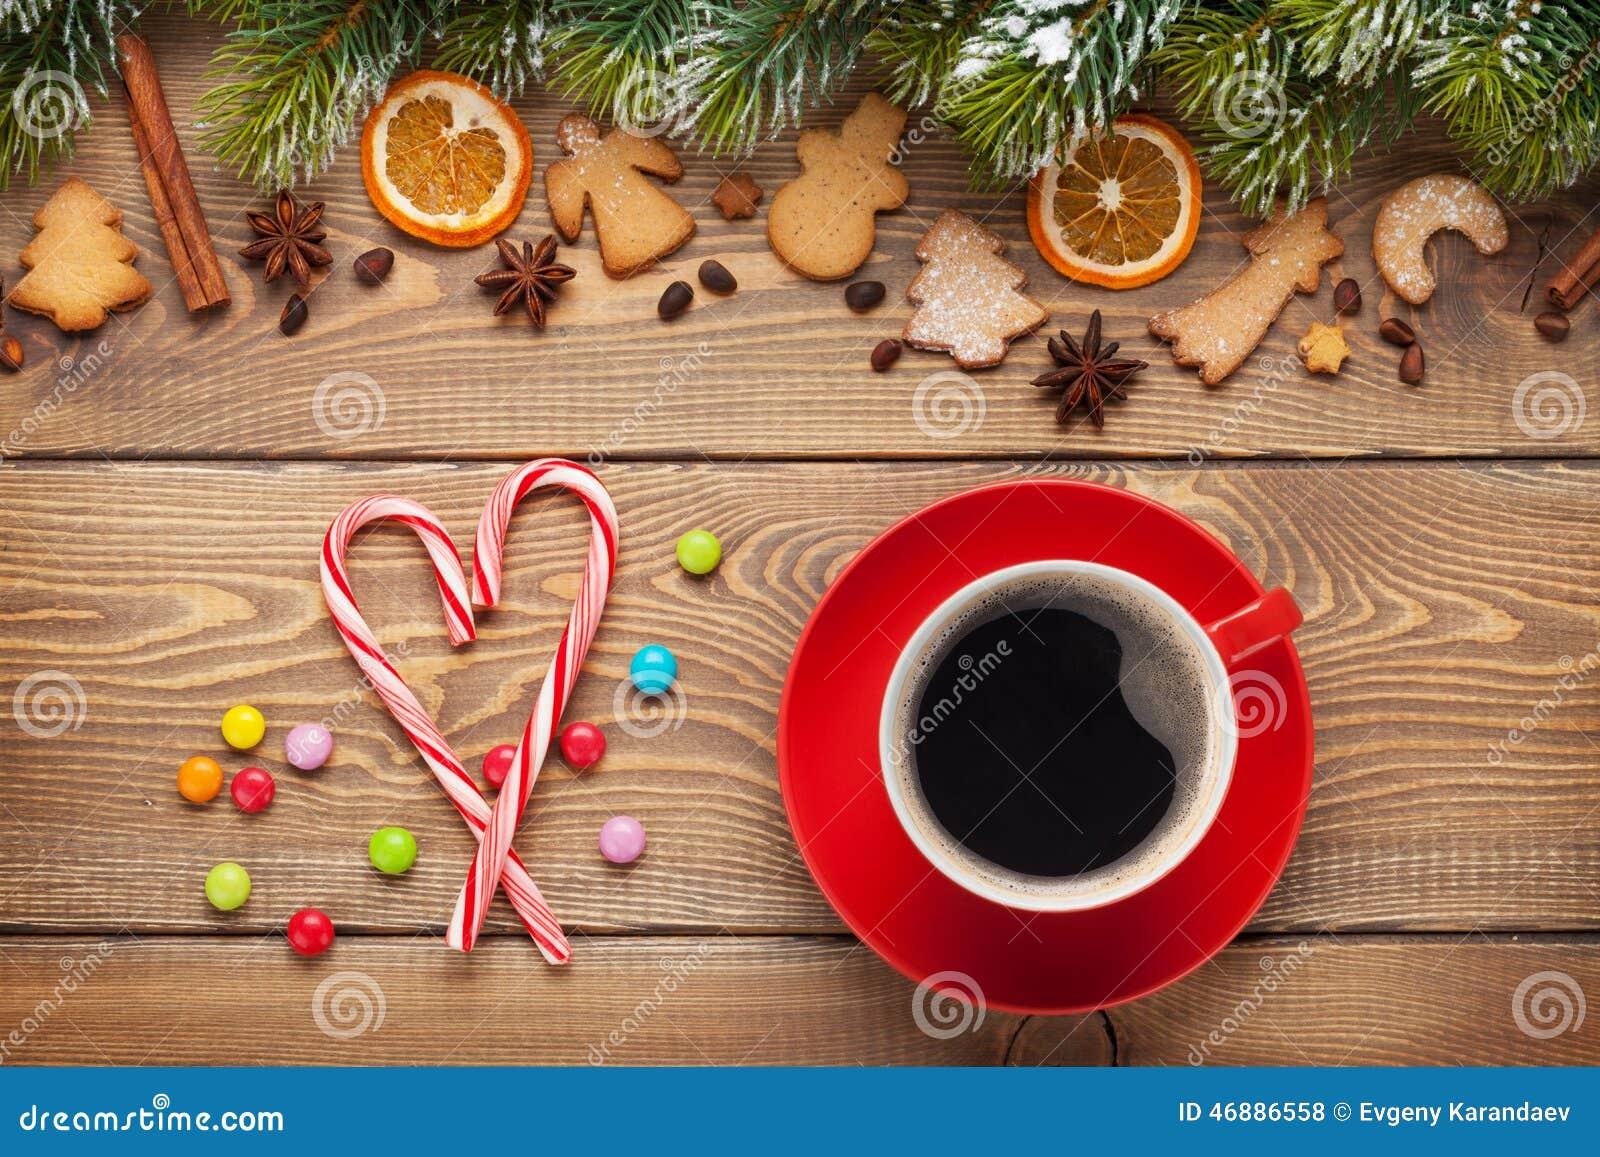 tasse de caf et d cor de nourriture de no l sur le fond en bois photo stock image 46886558. Black Bedroom Furniture Sets. Home Design Ideas